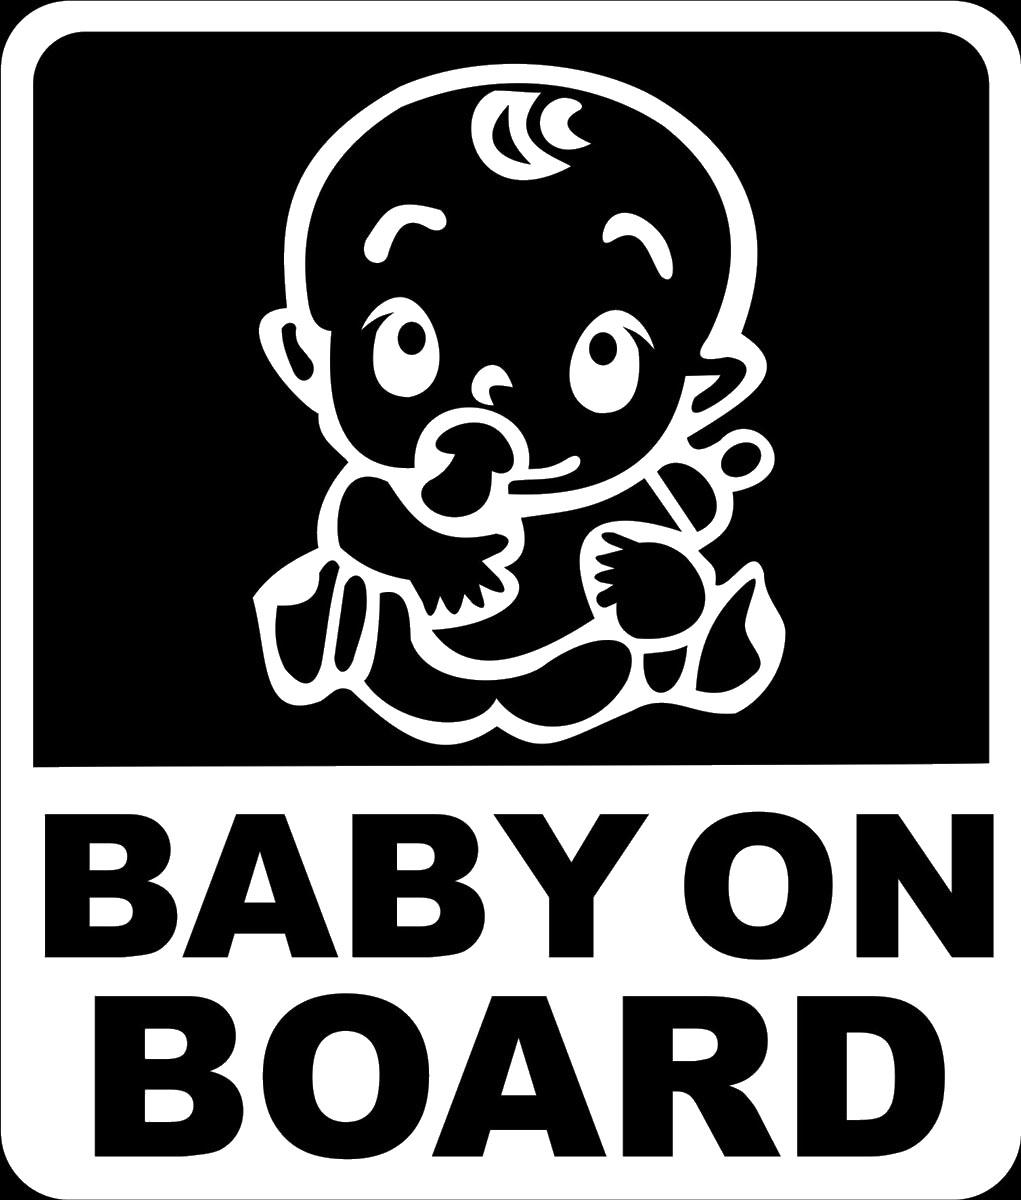 Наклейка автомобильная Оранжевый слоник Baby on Board. Квадрат 2, виниловая, цвет: белыйВетерок 2ГФОригинальная наклейка Оранжевый слоник Baby on Board. Квадрат 2 изготовлена из долговечного винила, который выполняет не только декоративную функцию, но и защищает кузов от небольших механических повреждений, либо скрывает уже существующие.Виниловые наклейки на авто - это не только красиво, но еще и быстро! Всего за несколько минут вы можете полностью преобразить свой автомобиль, сделать его ярким, необычным, особенным и неповторимым!